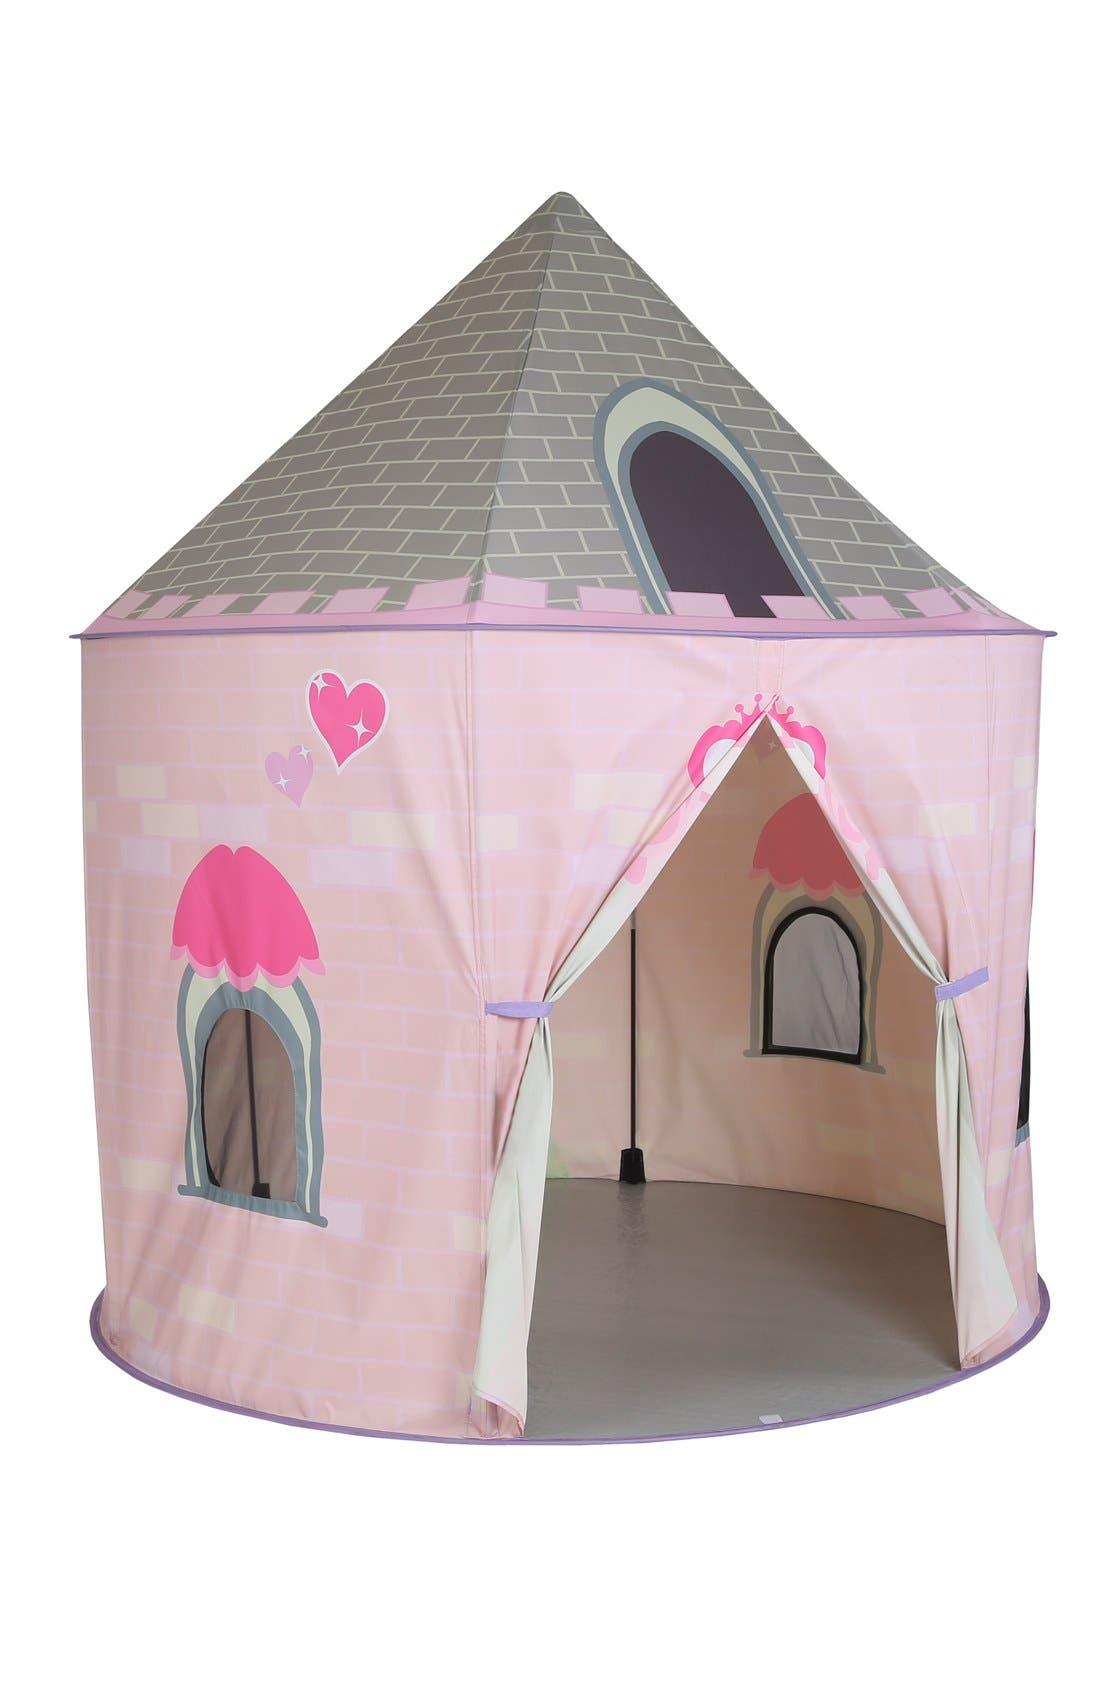 'Princess Castle' Pavilion,                             Main thumbnail 1, color,                             Pink/ White